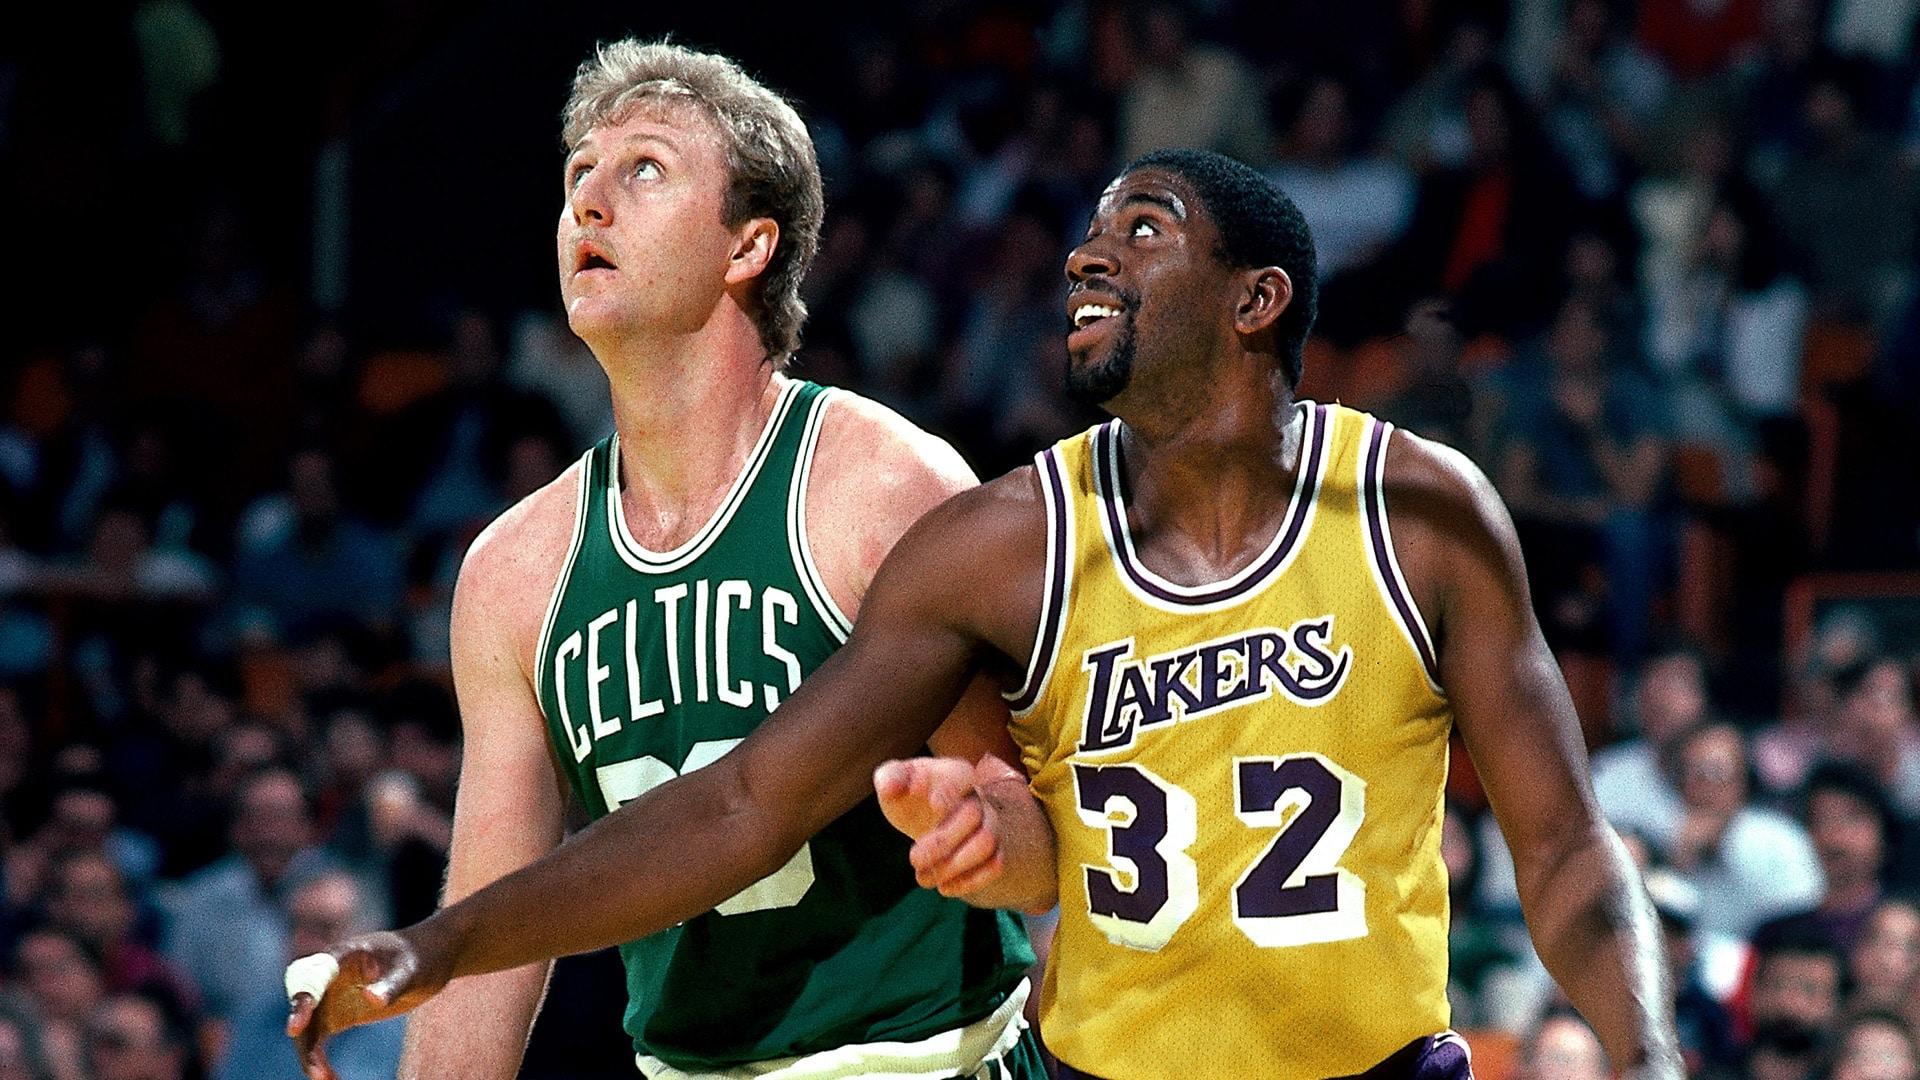 NBA Top Moments: 1980s